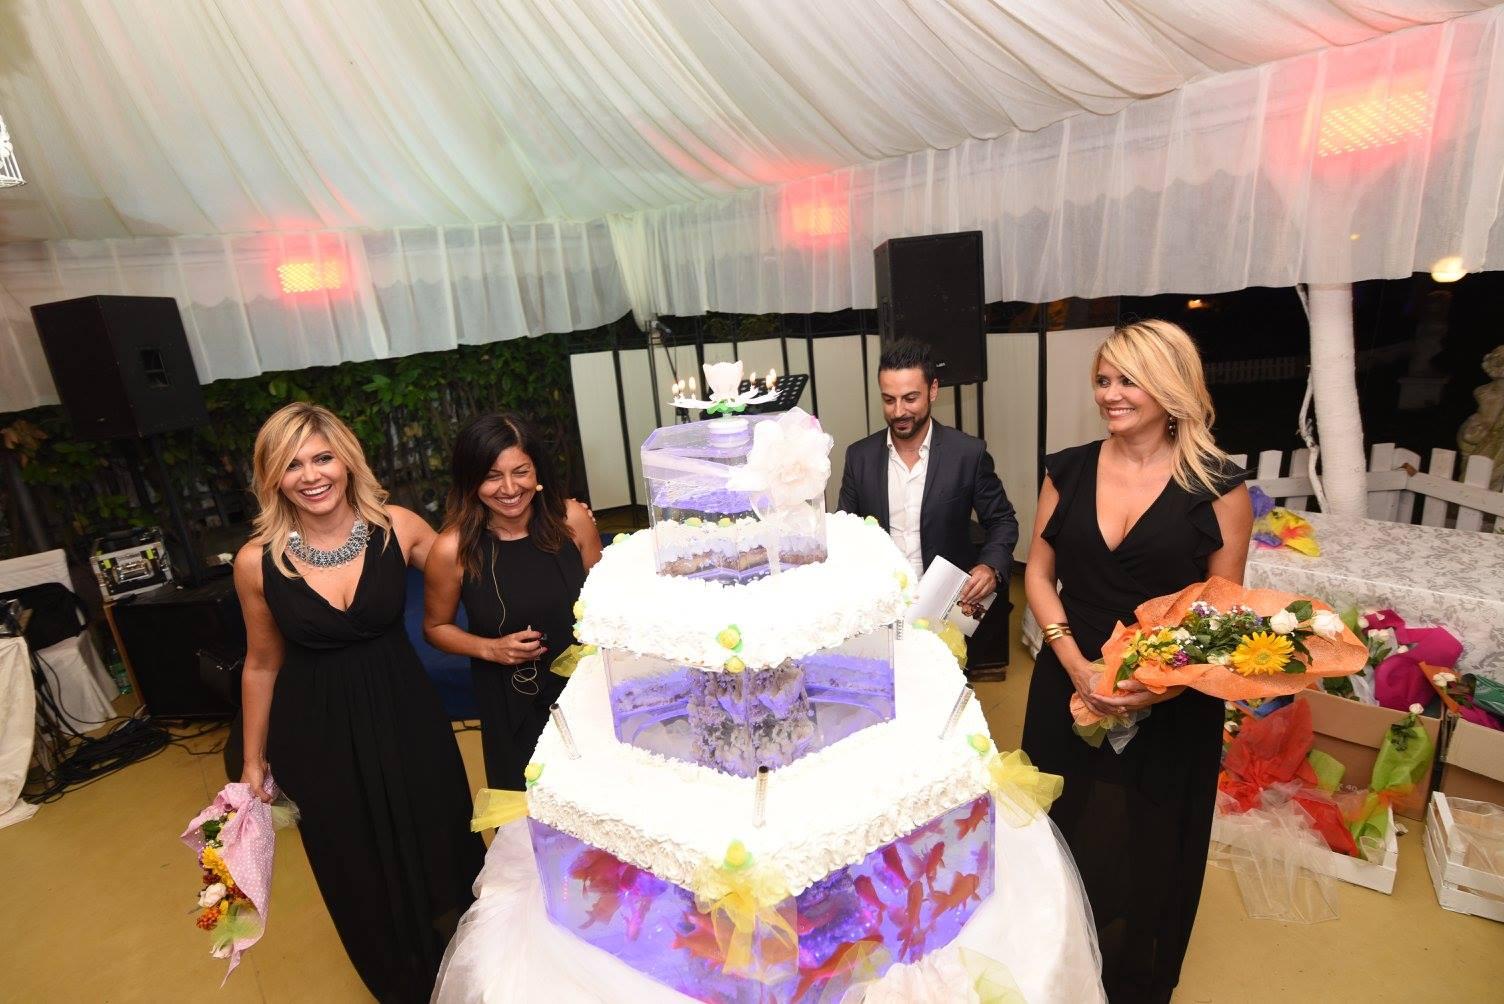 La spettacolare torta